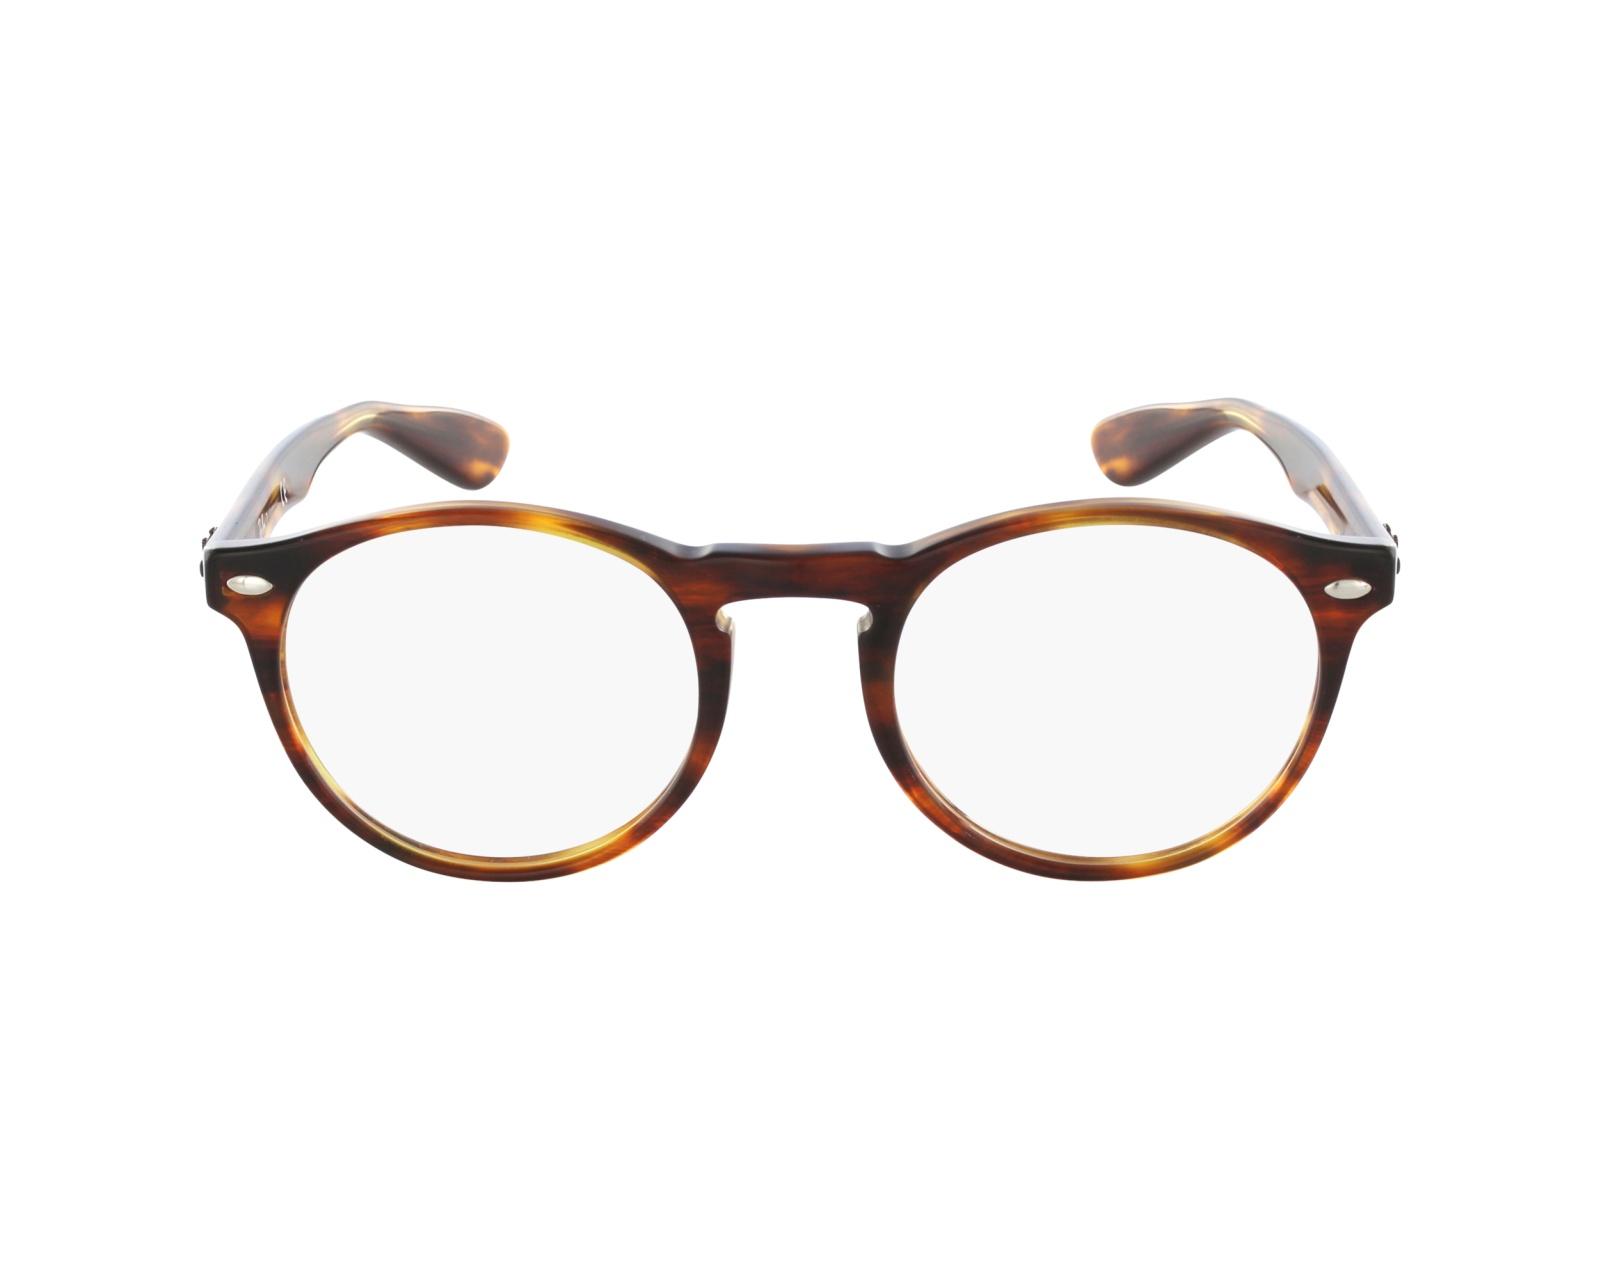 ec60e2fad1 Gafas Graduadas Ray-Ban RX-5283 2144 47-21 Marrón vista de perfil